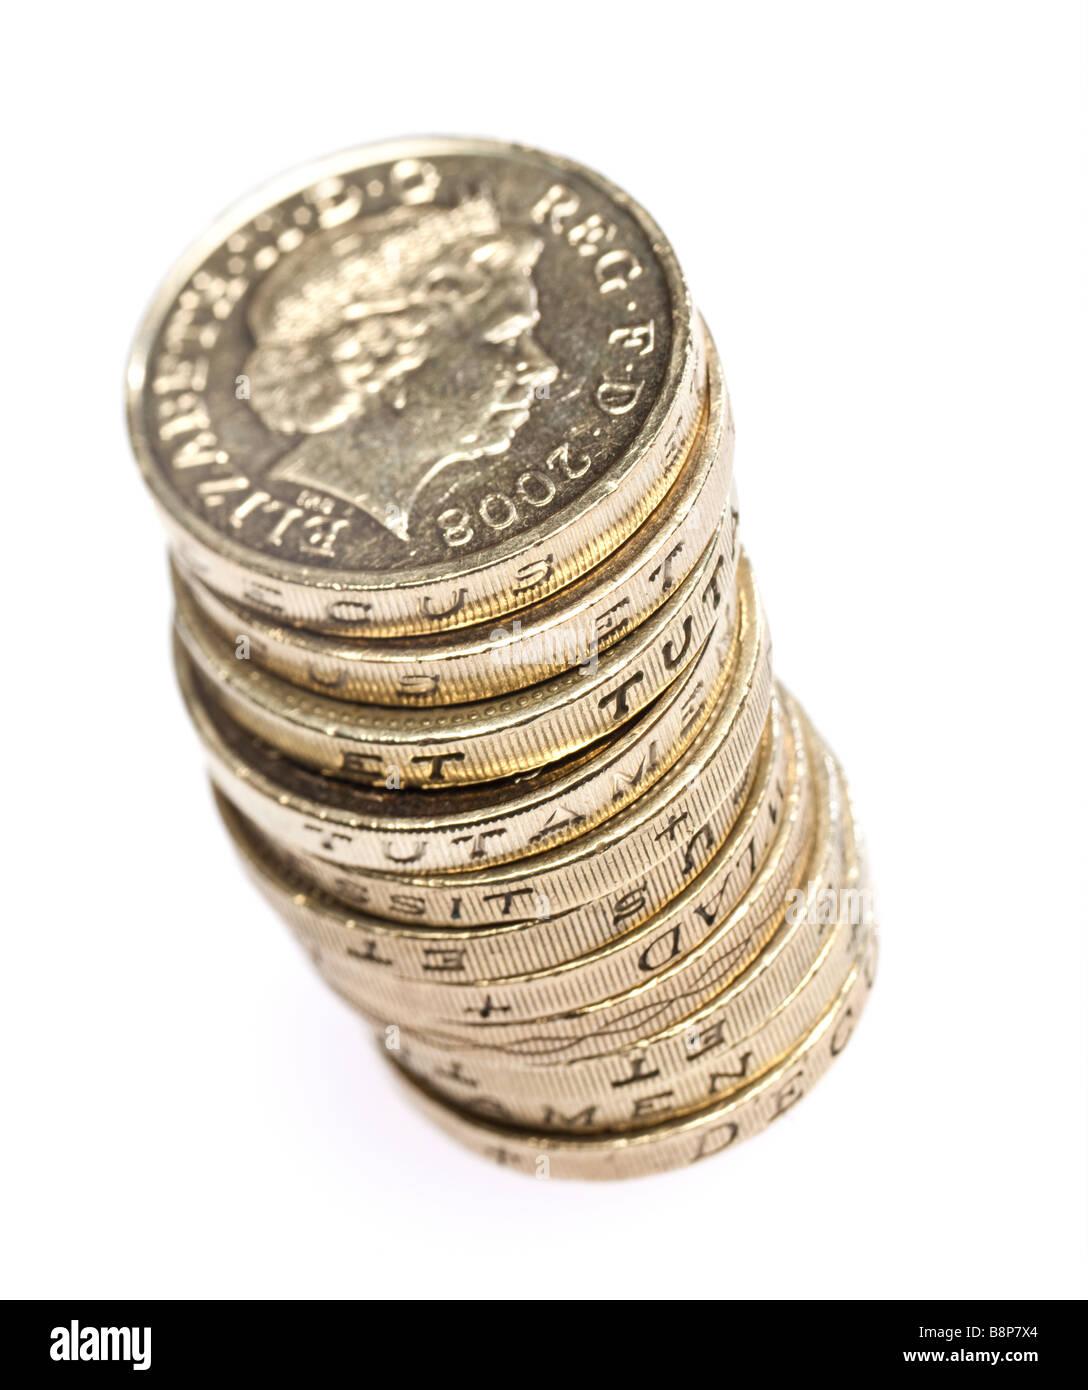 Alte £ 1 Münzen ein Pfund Sterling auf die weiße Aussparung isolierten Silos - Makro Stockbild